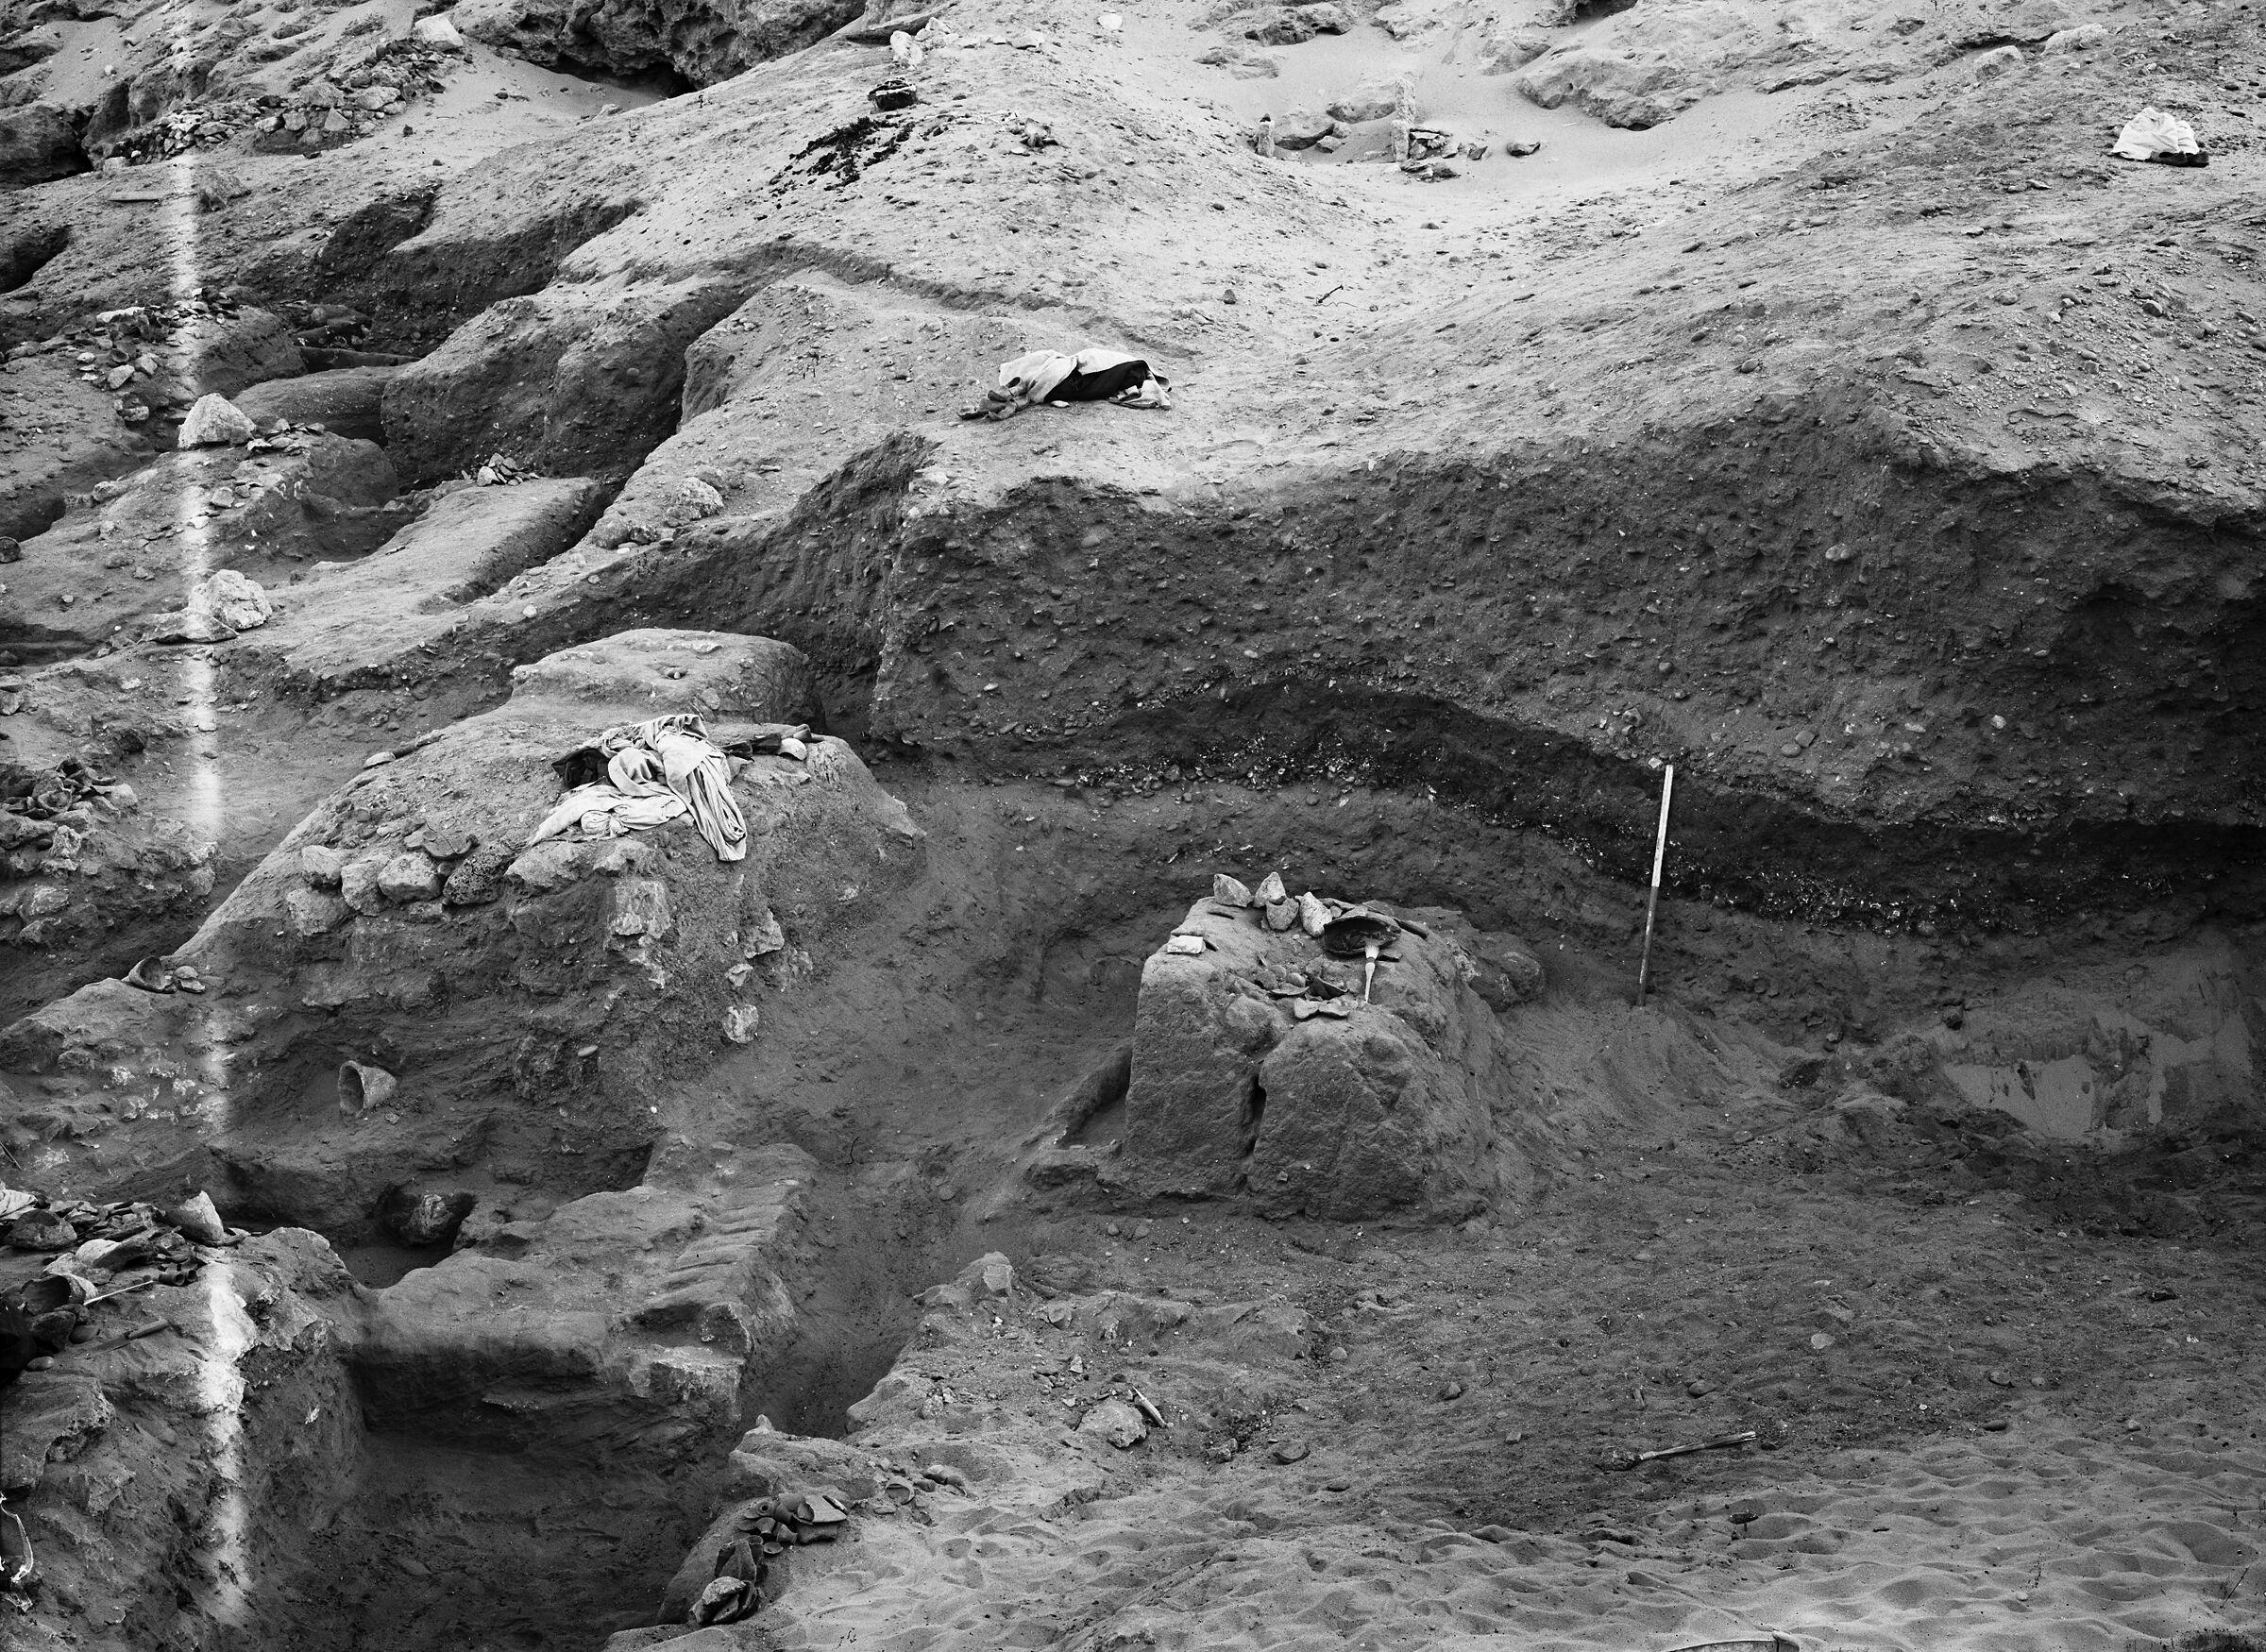 Wadi Cemetery (Reisner; north of W. Cem): Site: Giza; View: GW 62, GW 63, GW 74, GW 75